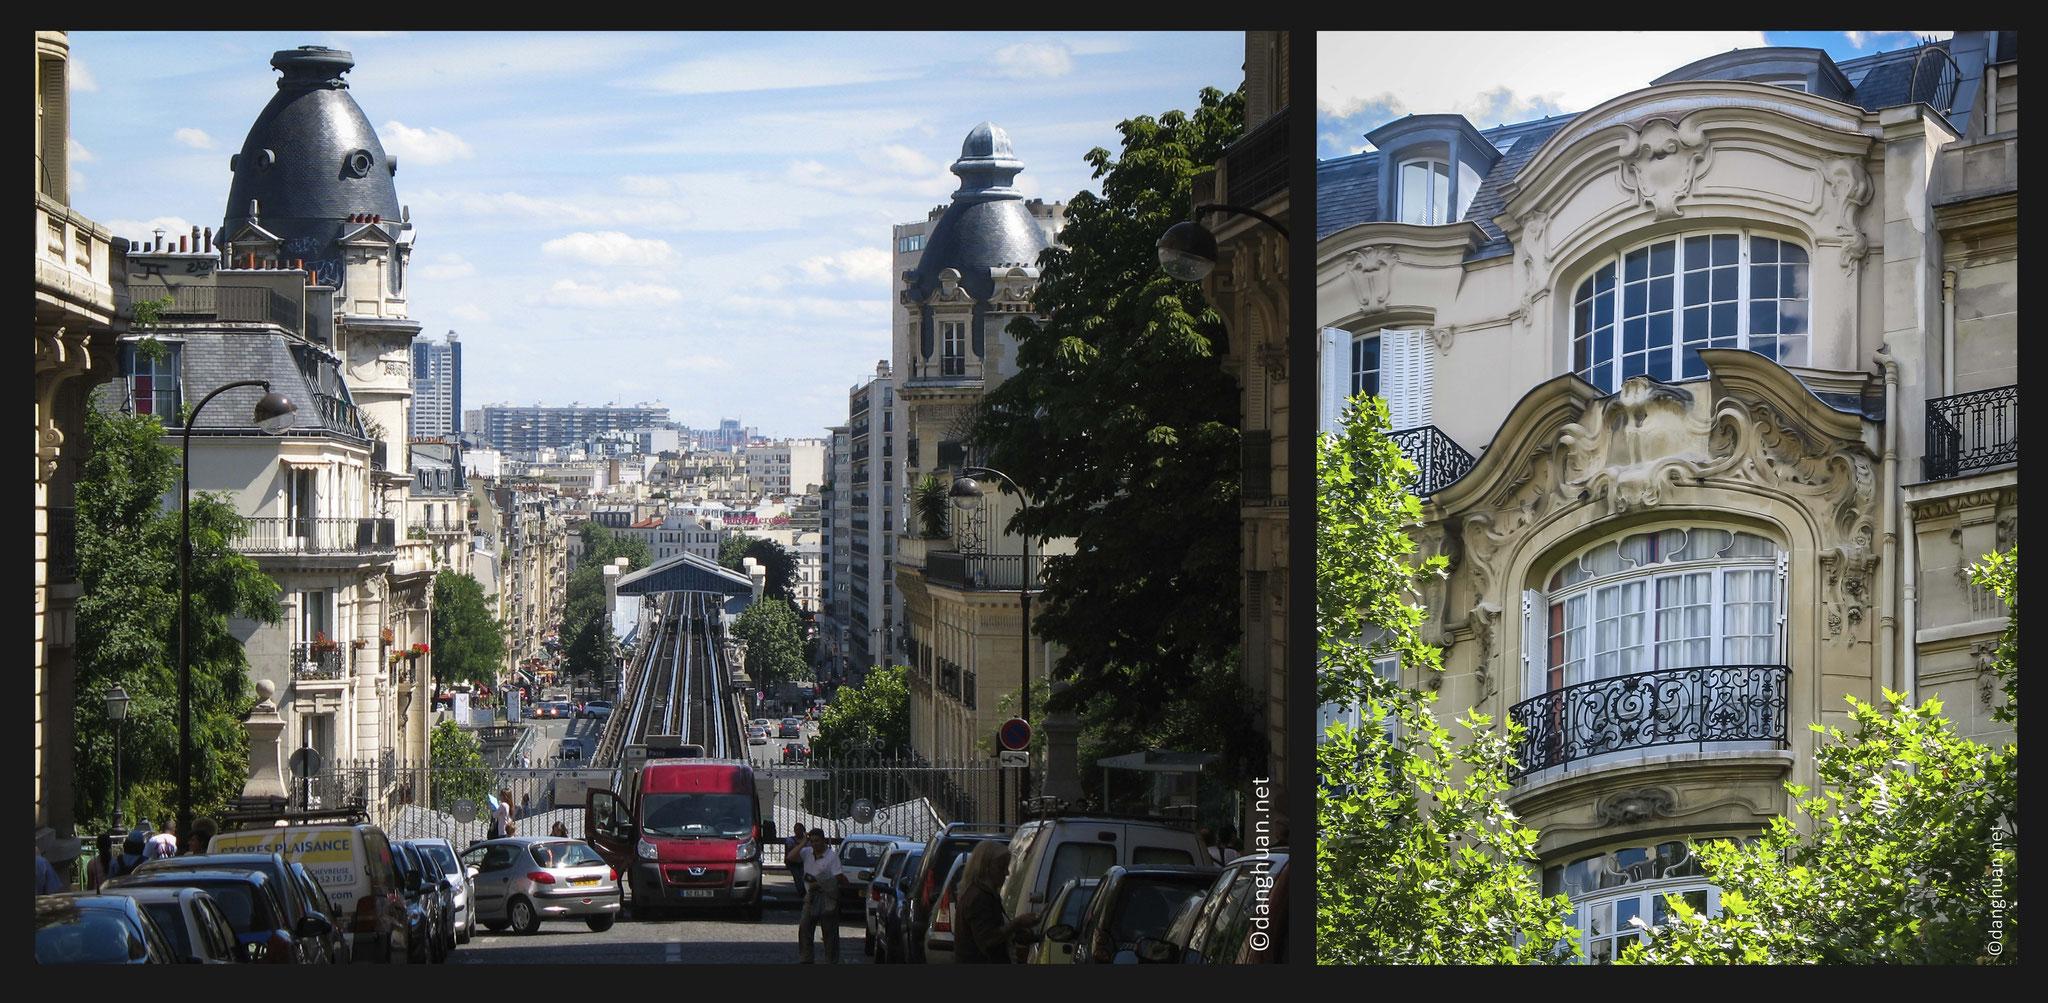 De l'Art Nouveau à l'origine de l'Architecture moderne, Paris Auteuil Passy a beaucoup à offrir à ceux qui prennent le temps de regarder.